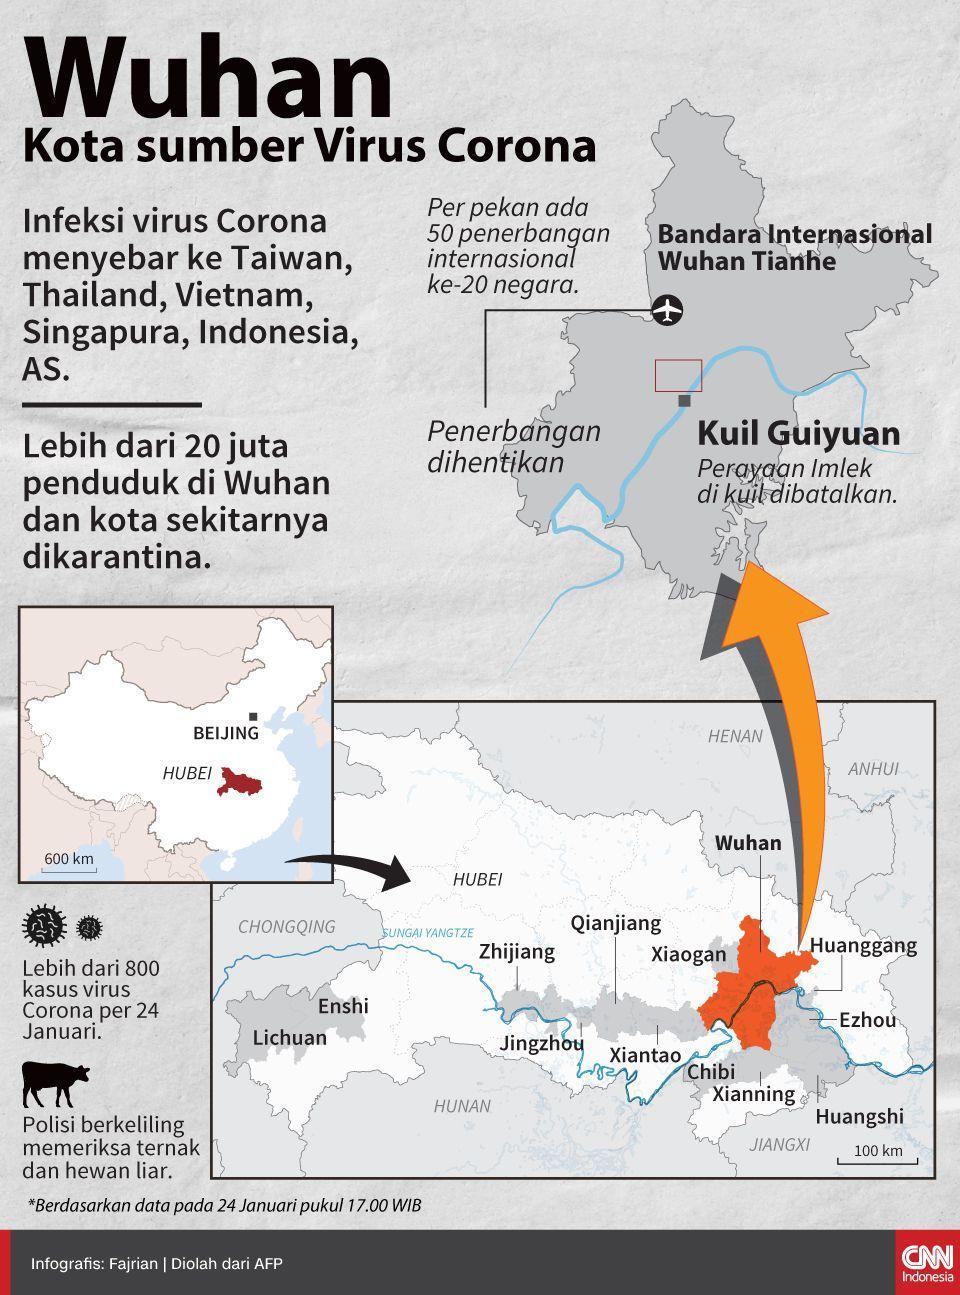 Infografis Wuhan Kota Sumber Virus Corona